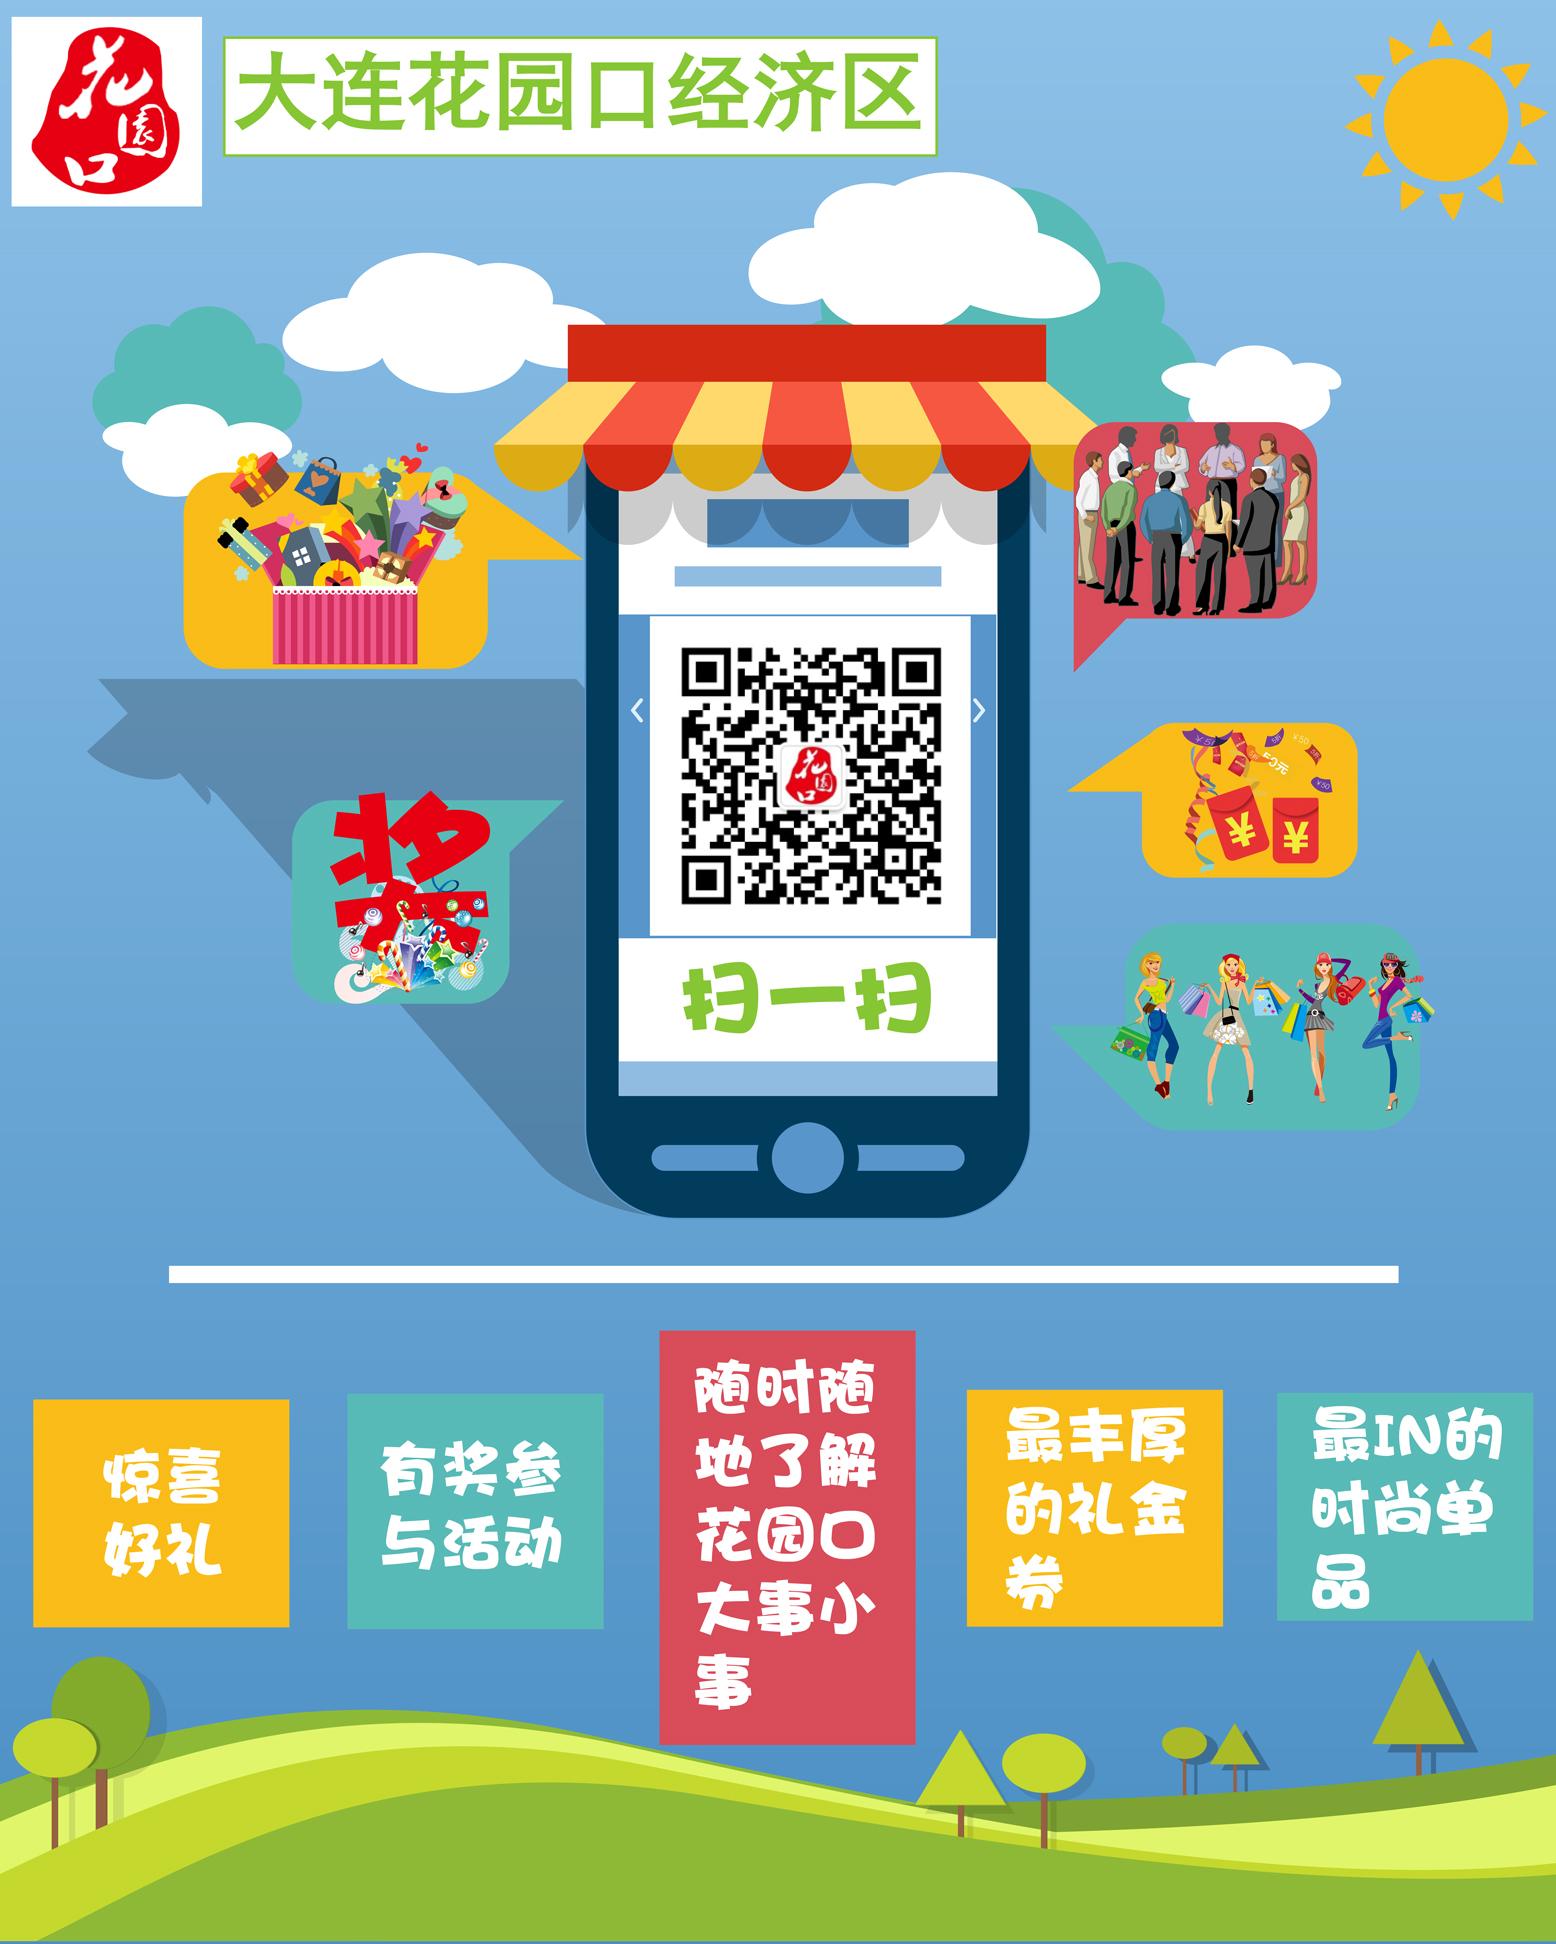 政府微信公众平台推广海报设计